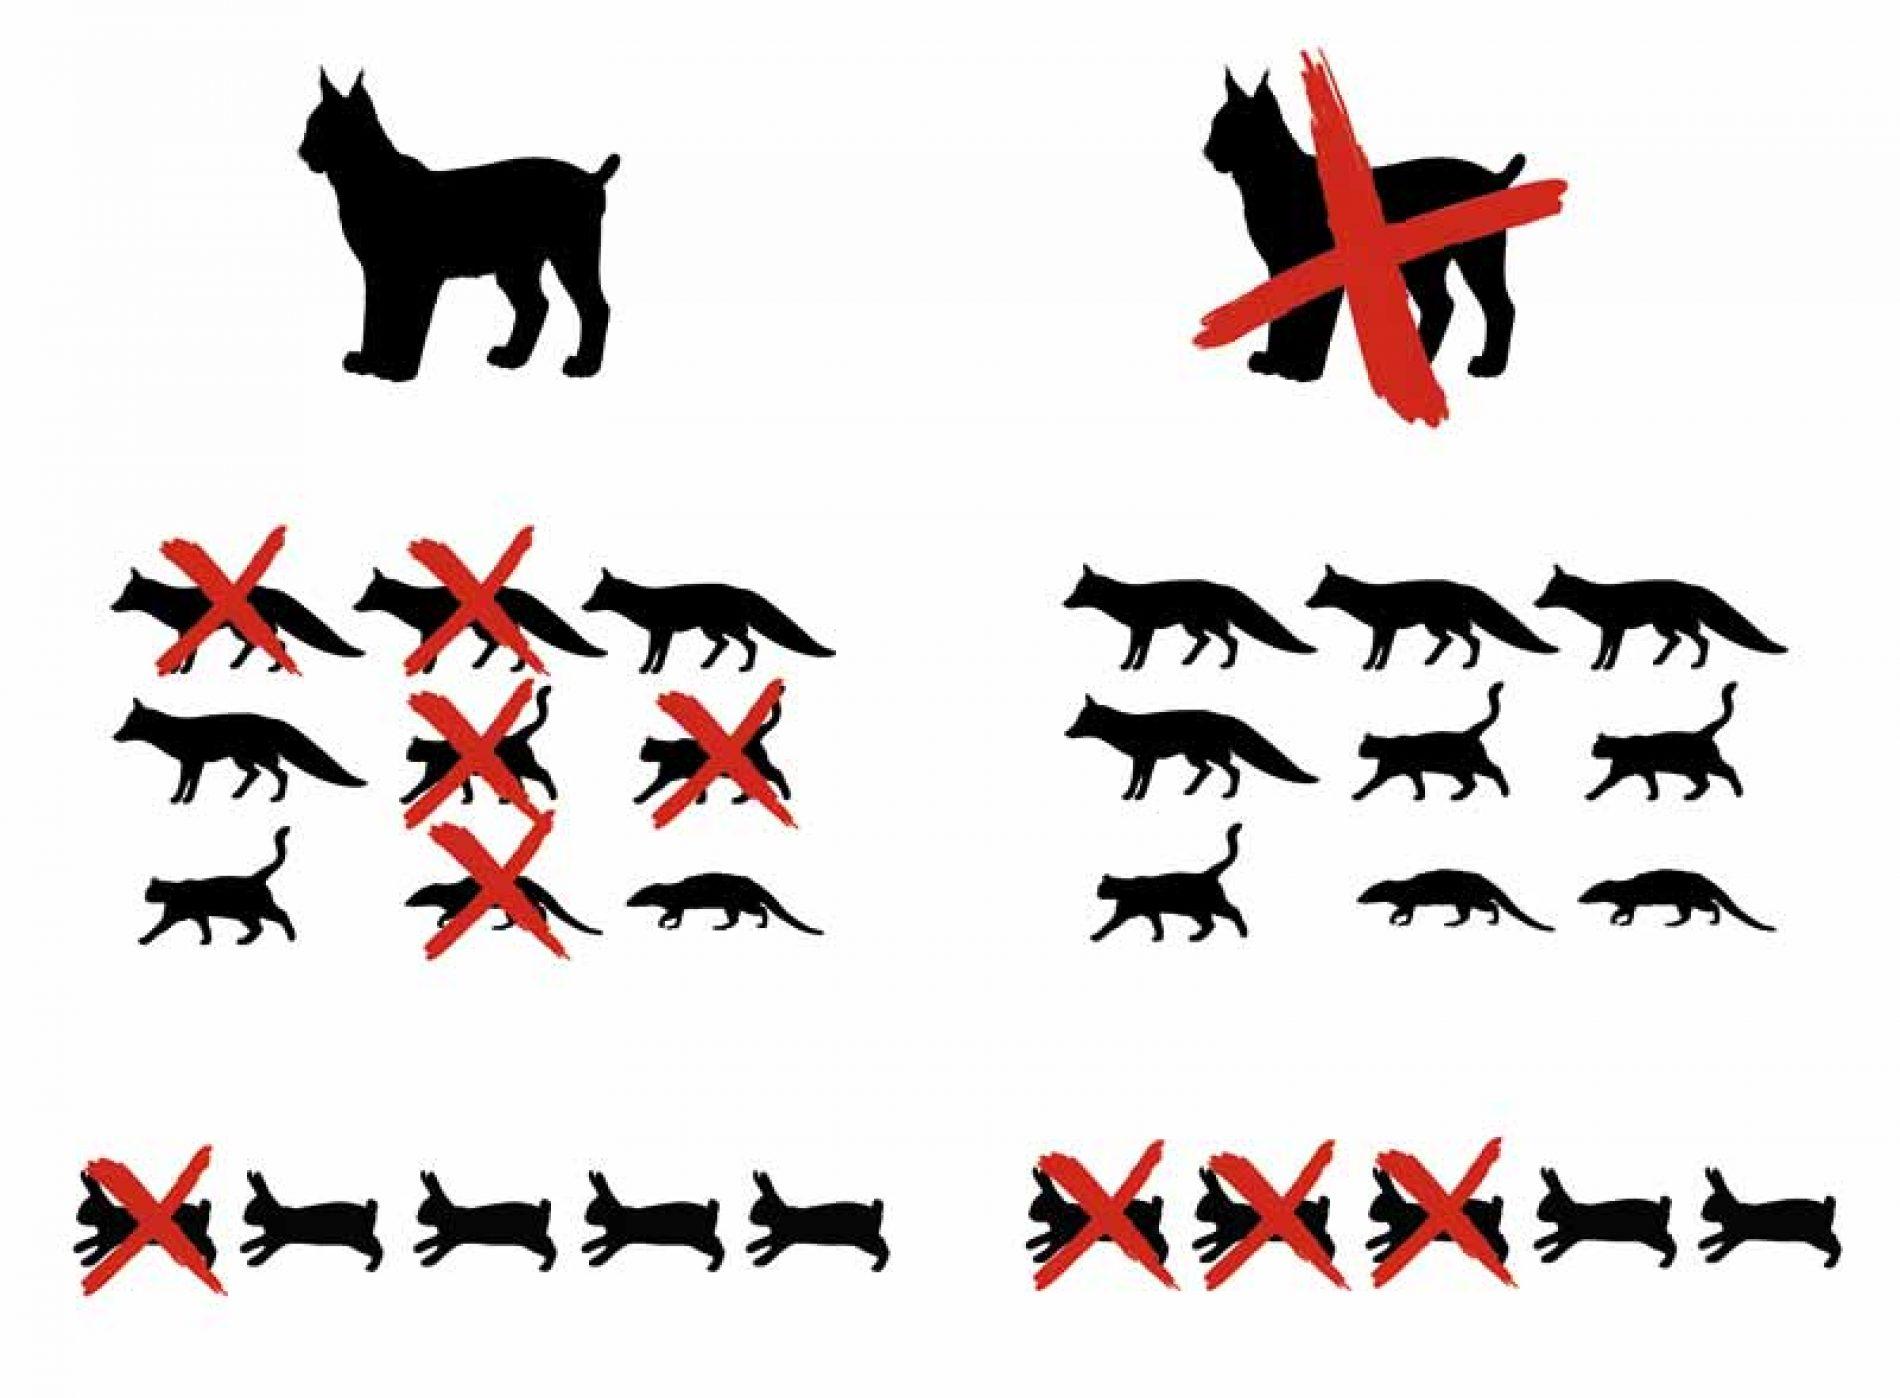 El equilibrio natural, predadores, superdepradores, mesodepradores